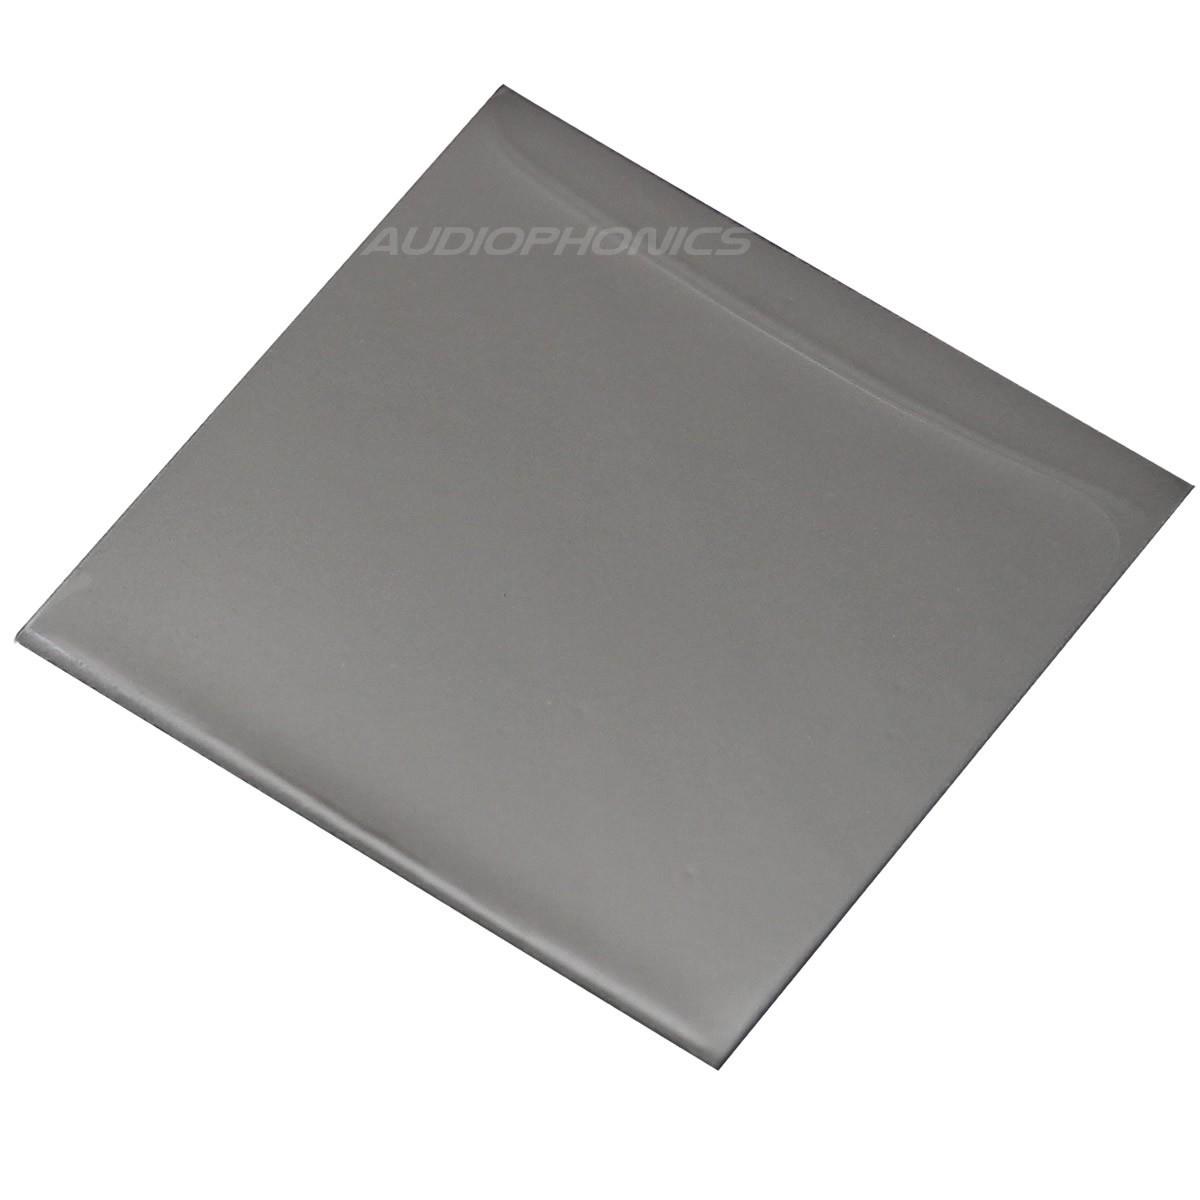 Carré de pâte thermique silicone 15x15x2mm (Unité)